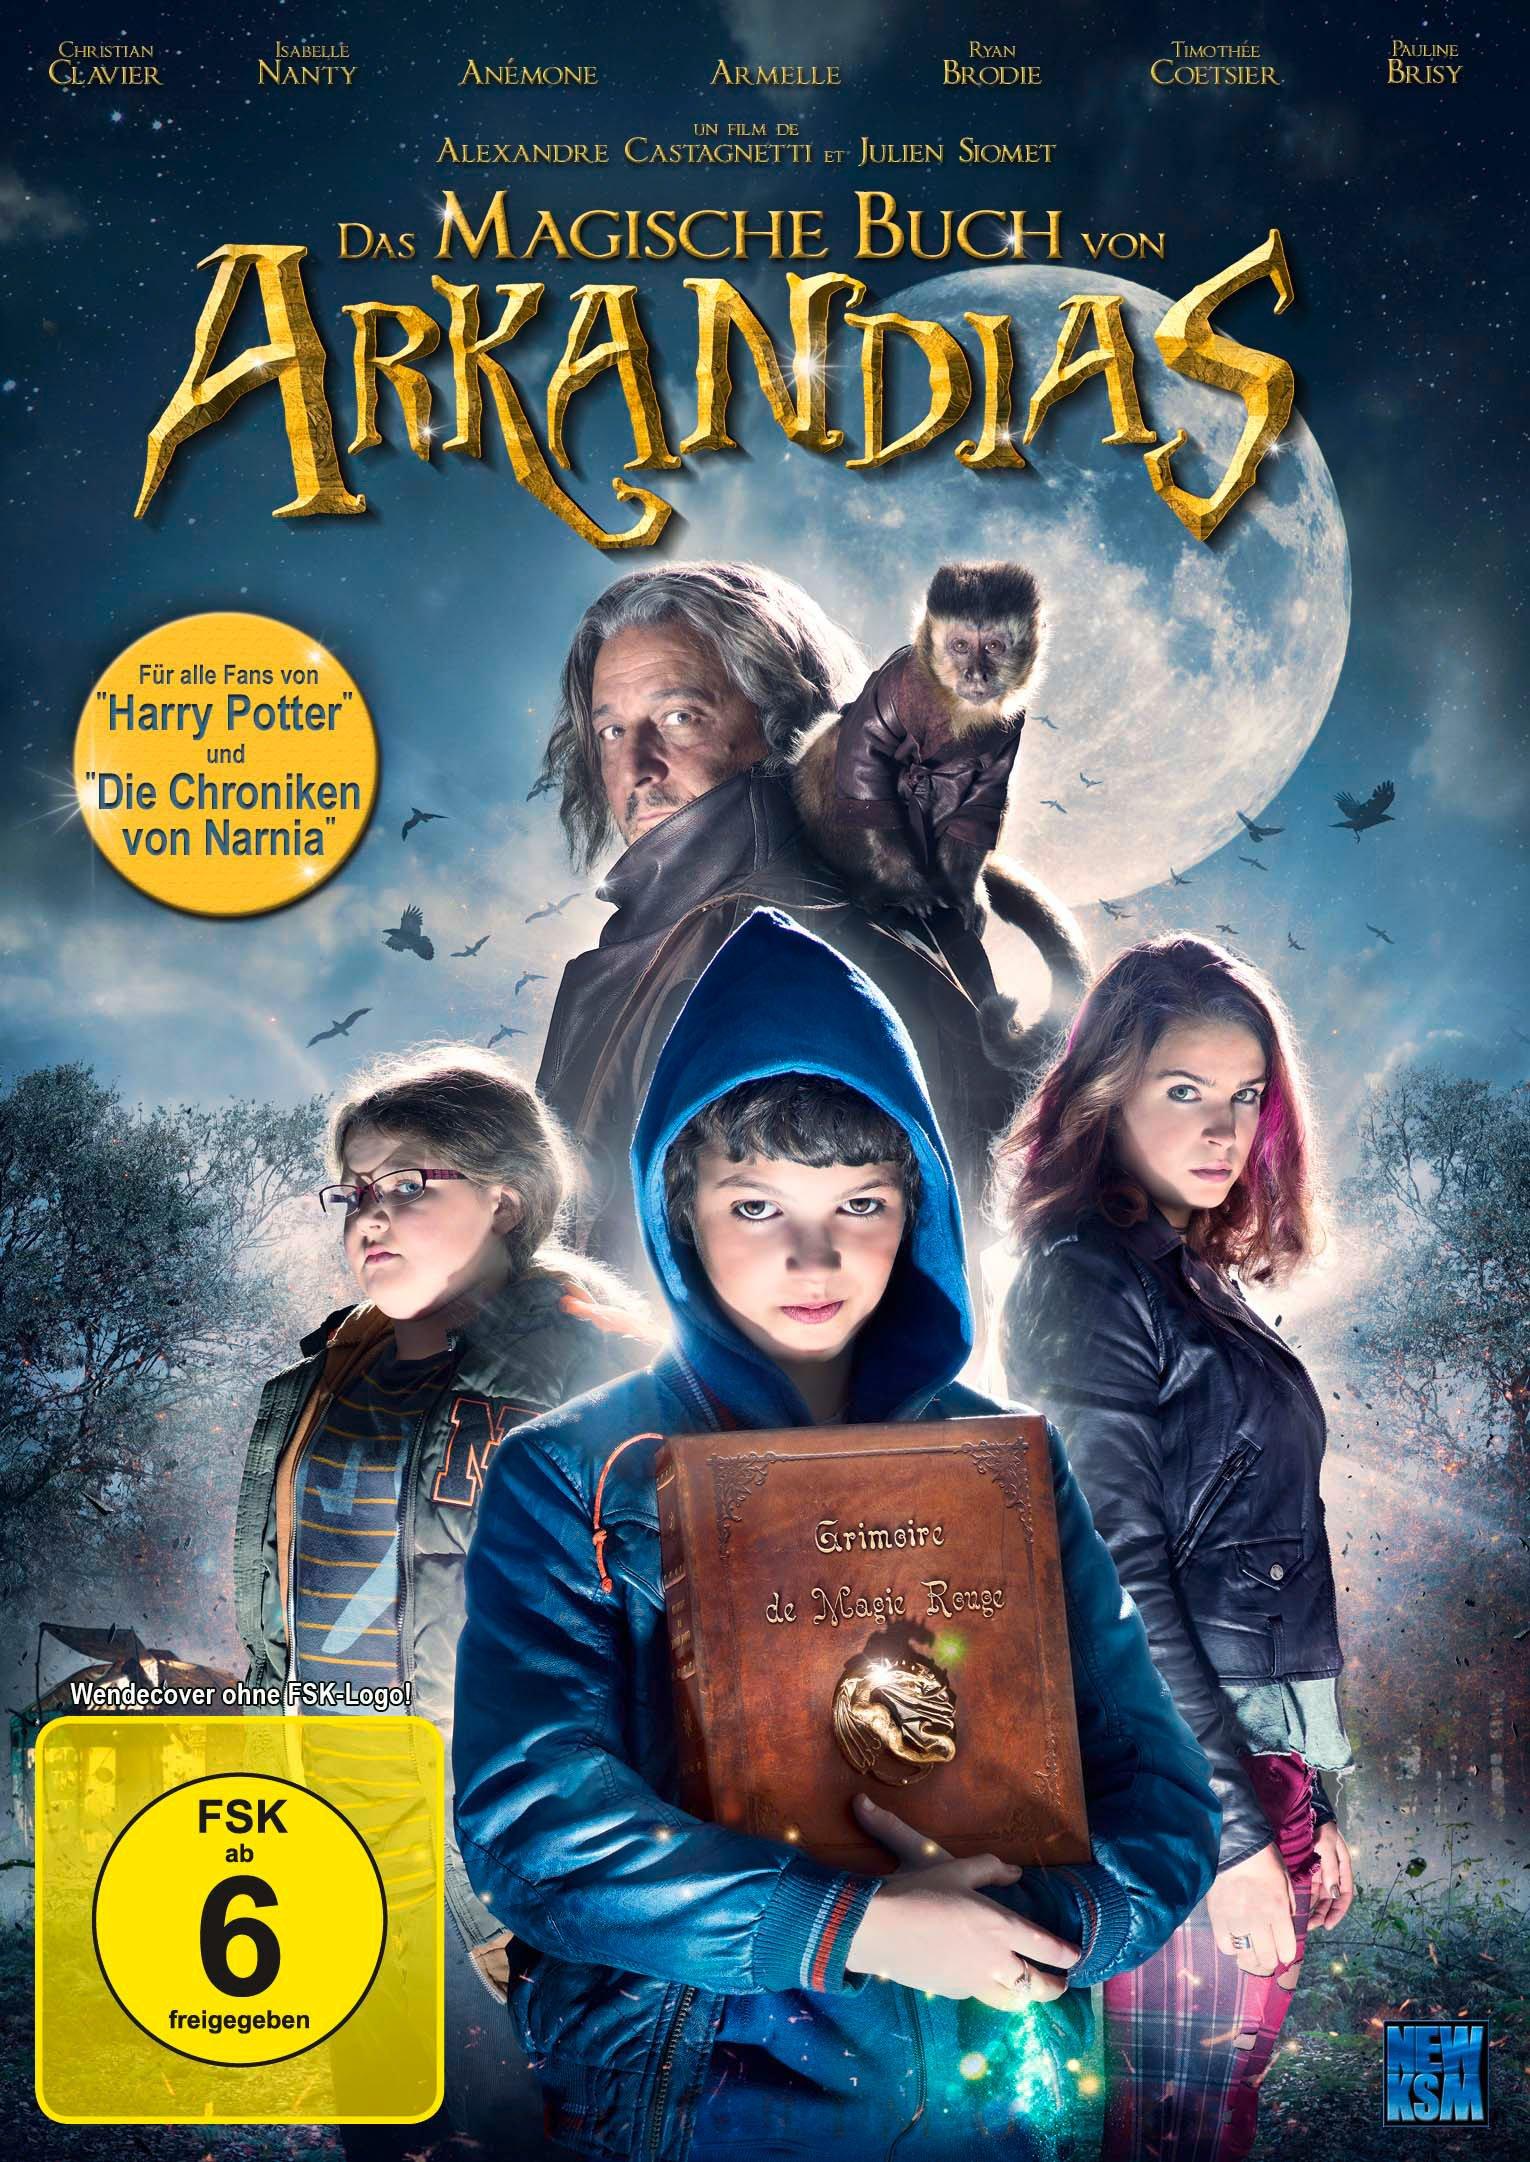 Das.Magische.Buch.von.Arkandias.2014.German.DTS.720p.BluRay.x264-LeetHD